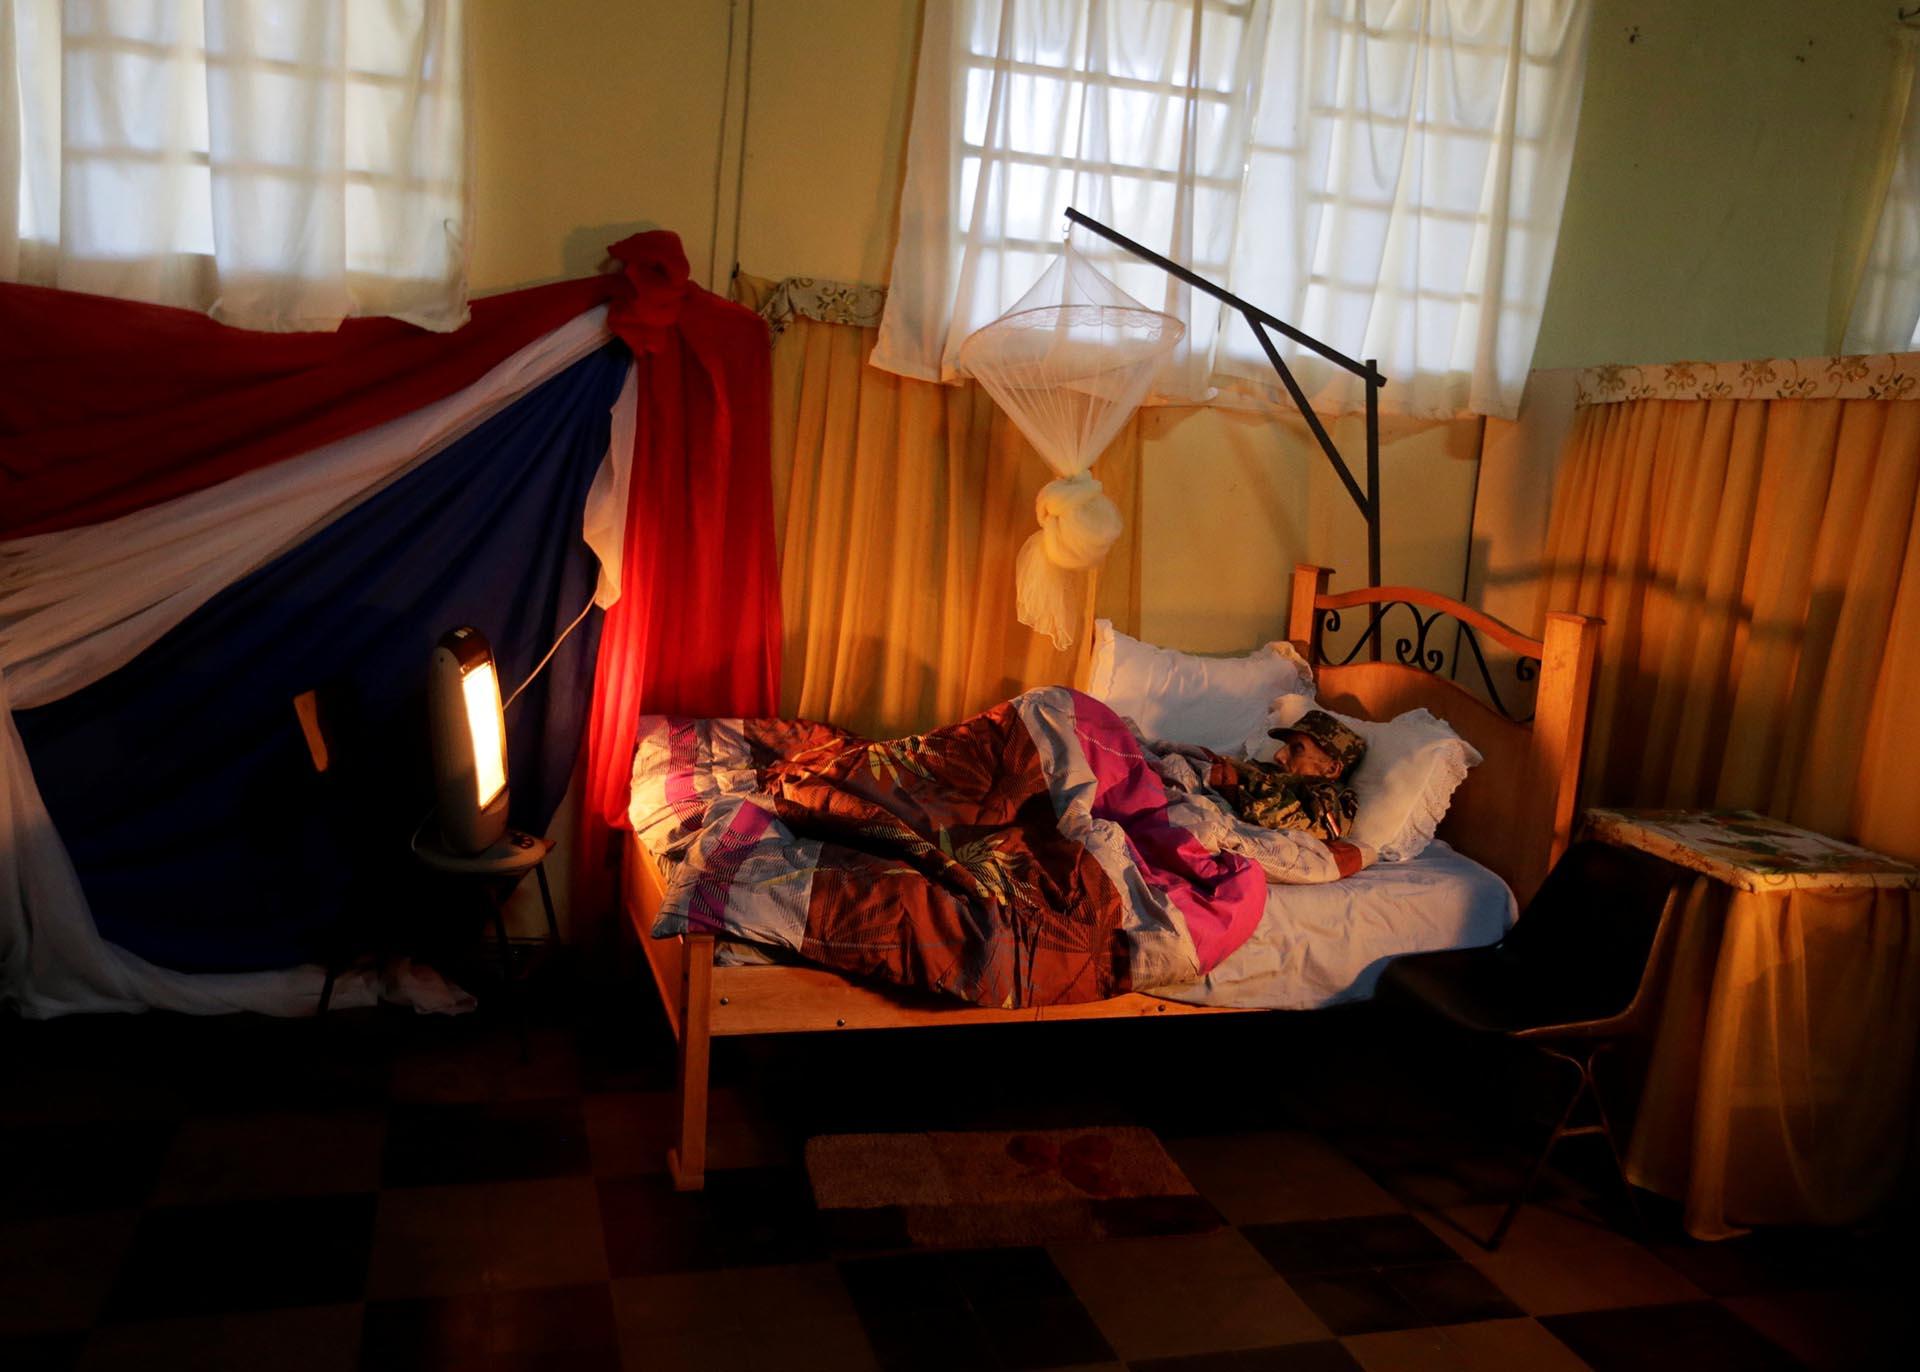 Andrés Benítez, de 104 años, se encuentra en una cama vestido con el uniforme del Ejército paraguayo durante el homenaje a los veteranos de la guerra del Chaco (1932-1935) entre Paraguay y Bolivia (Reuters)